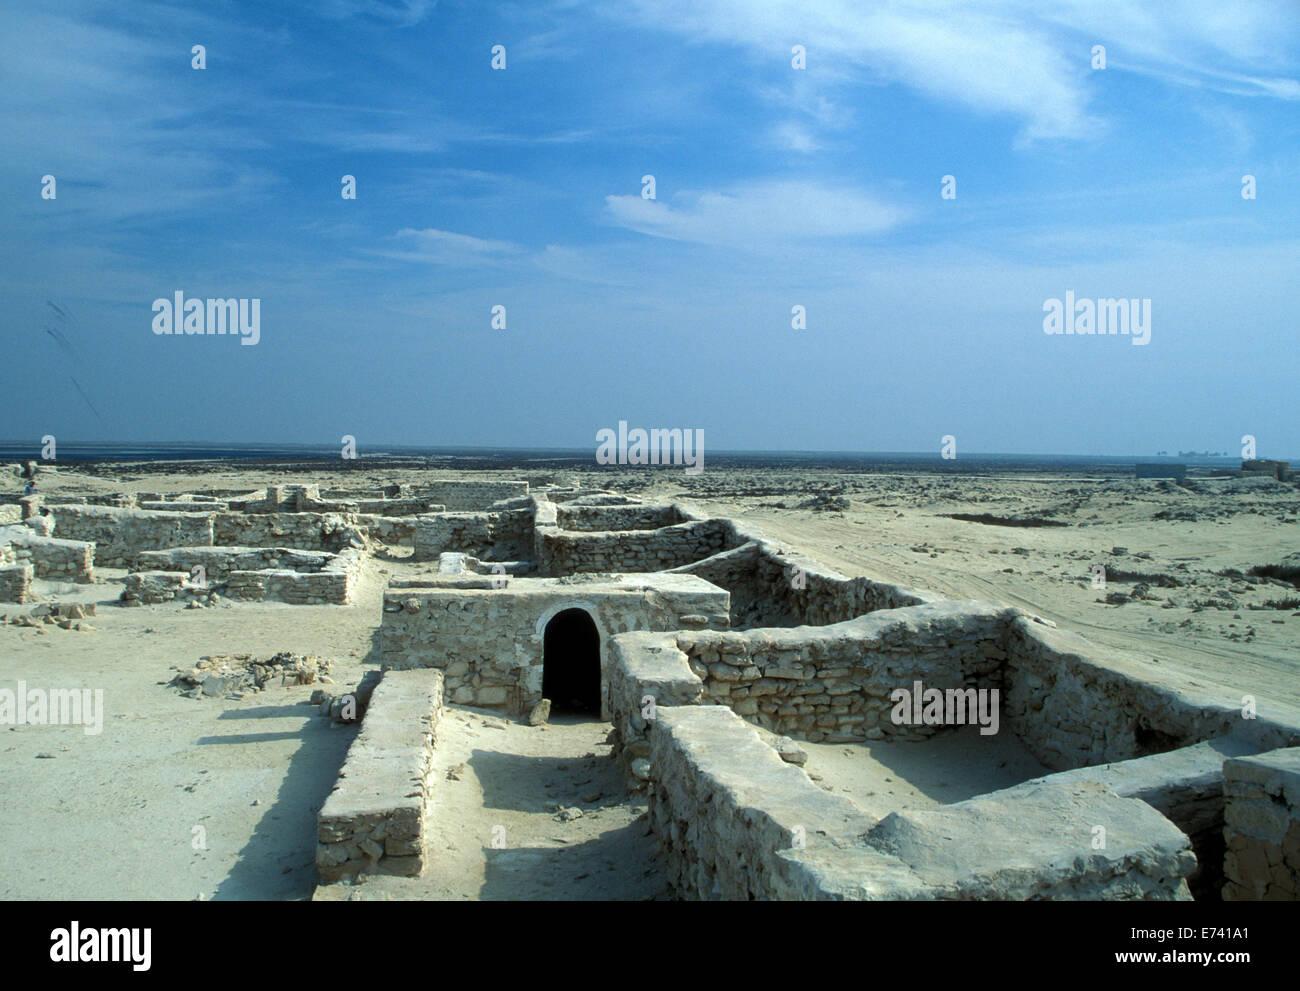 Le rovine del primo insediamento a al-Zubarah, in Qatar Immagini Stock